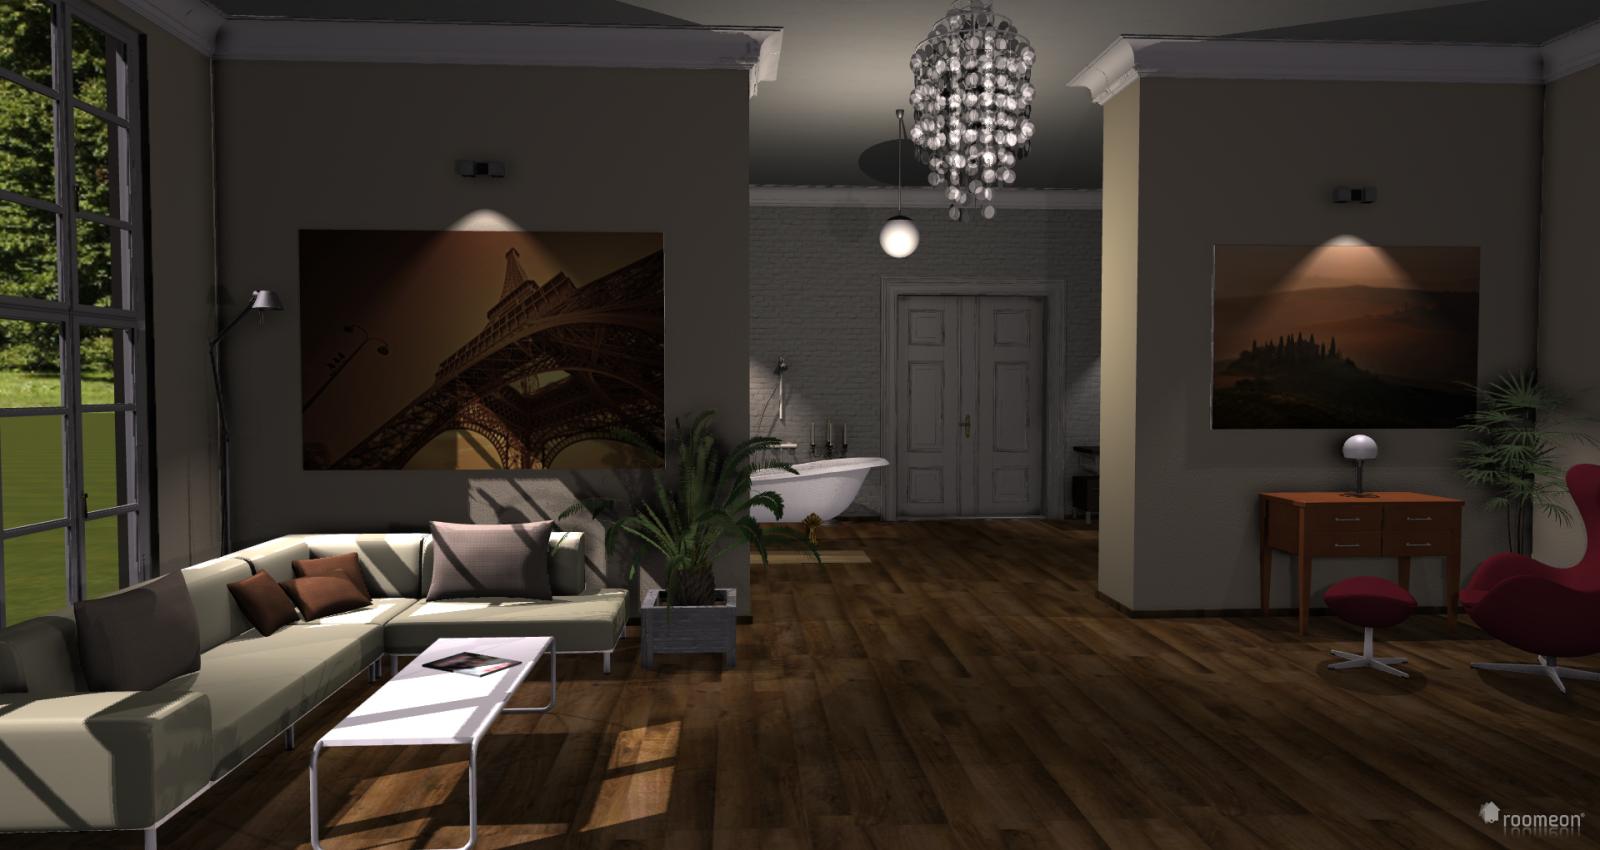 roomeon blog 3d planer update 1 1. Black Bedroom Furniture Sets. Home Design Ideas